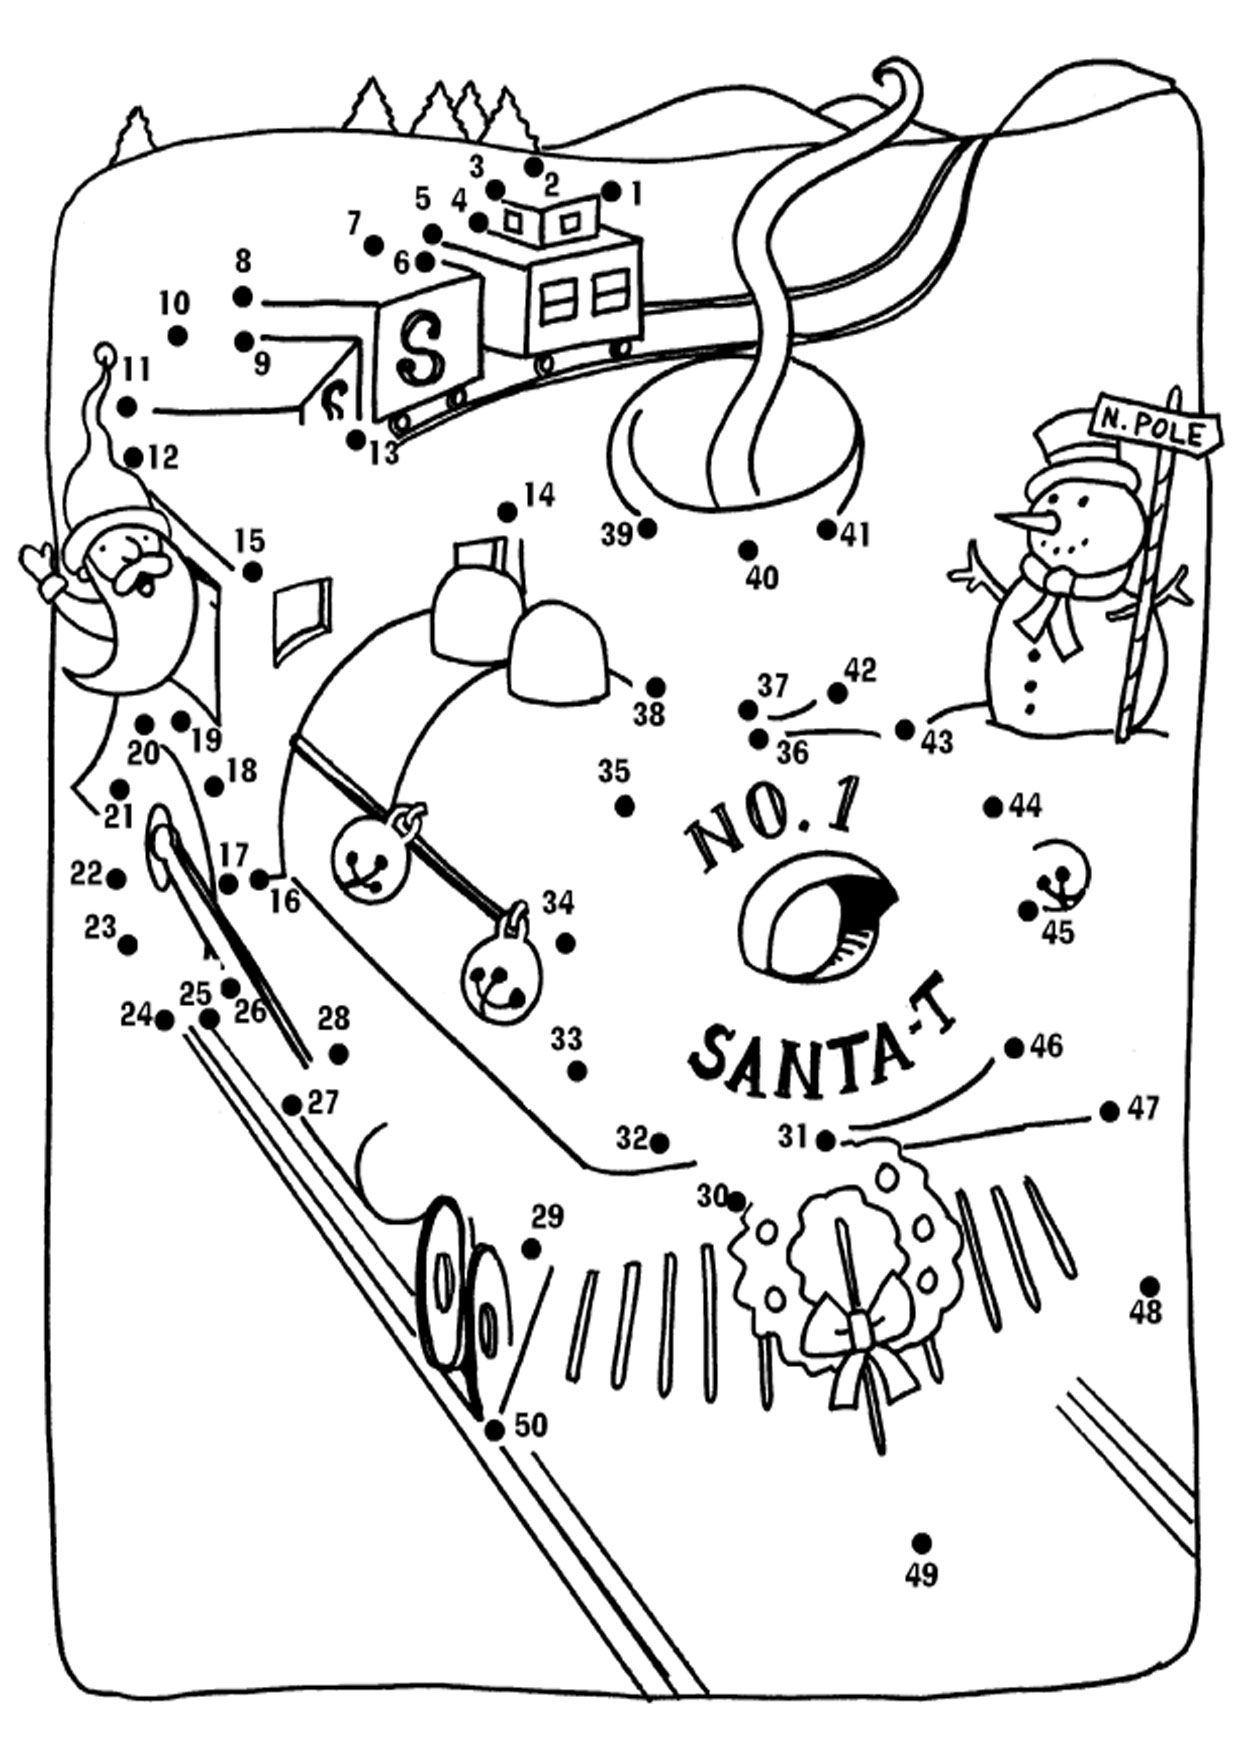 Unisci i puntini Babbo Natale 1-50